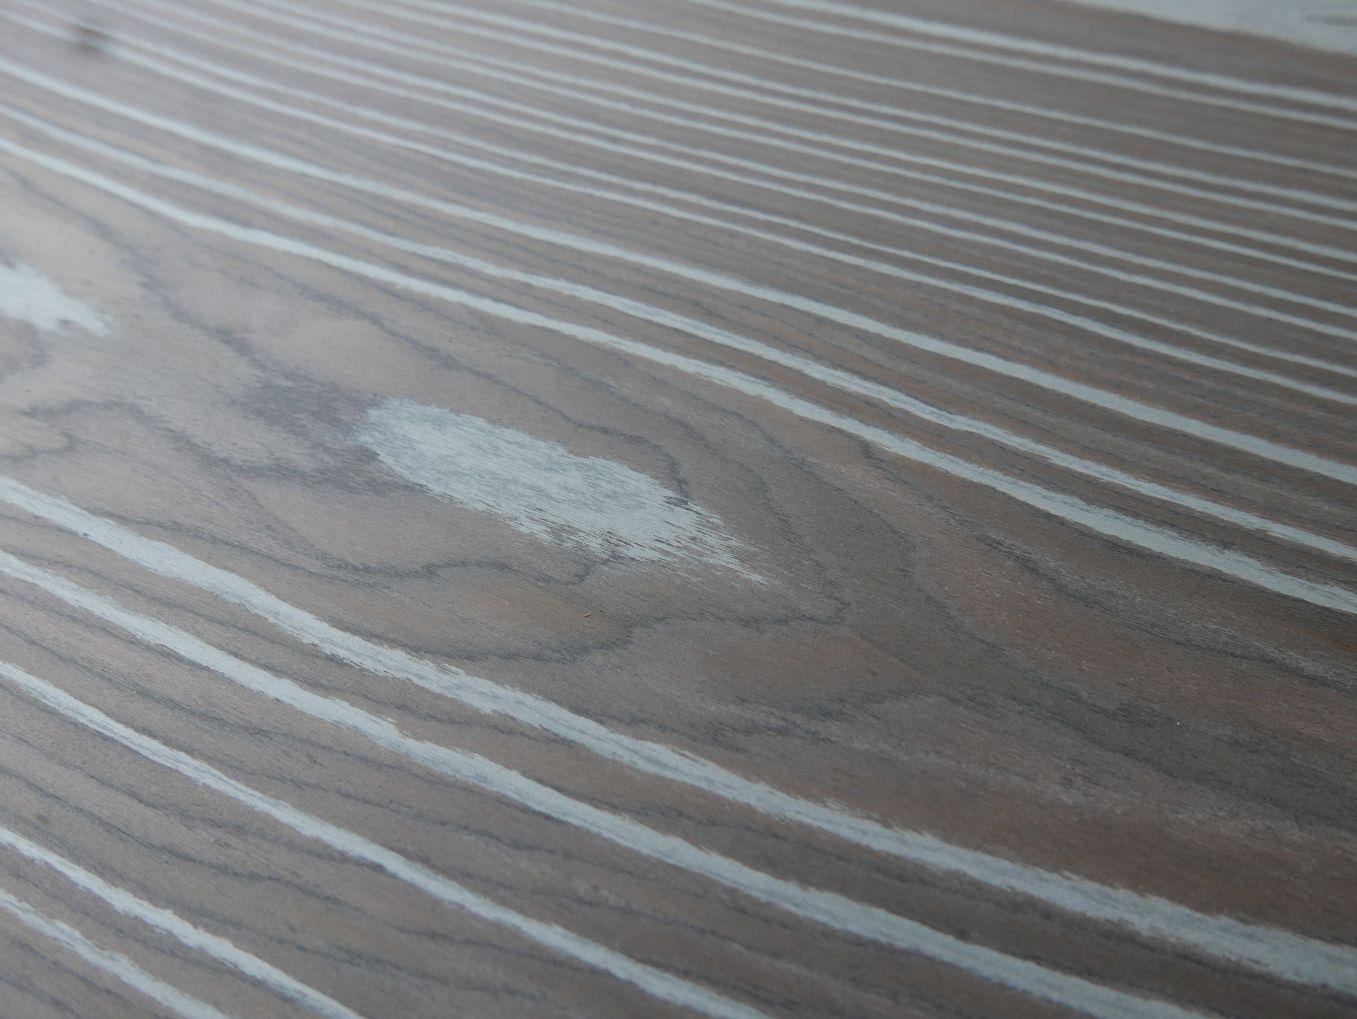 A0206-3 Alpi Zilver Bruin Glad met Backing 58x240cm 1st